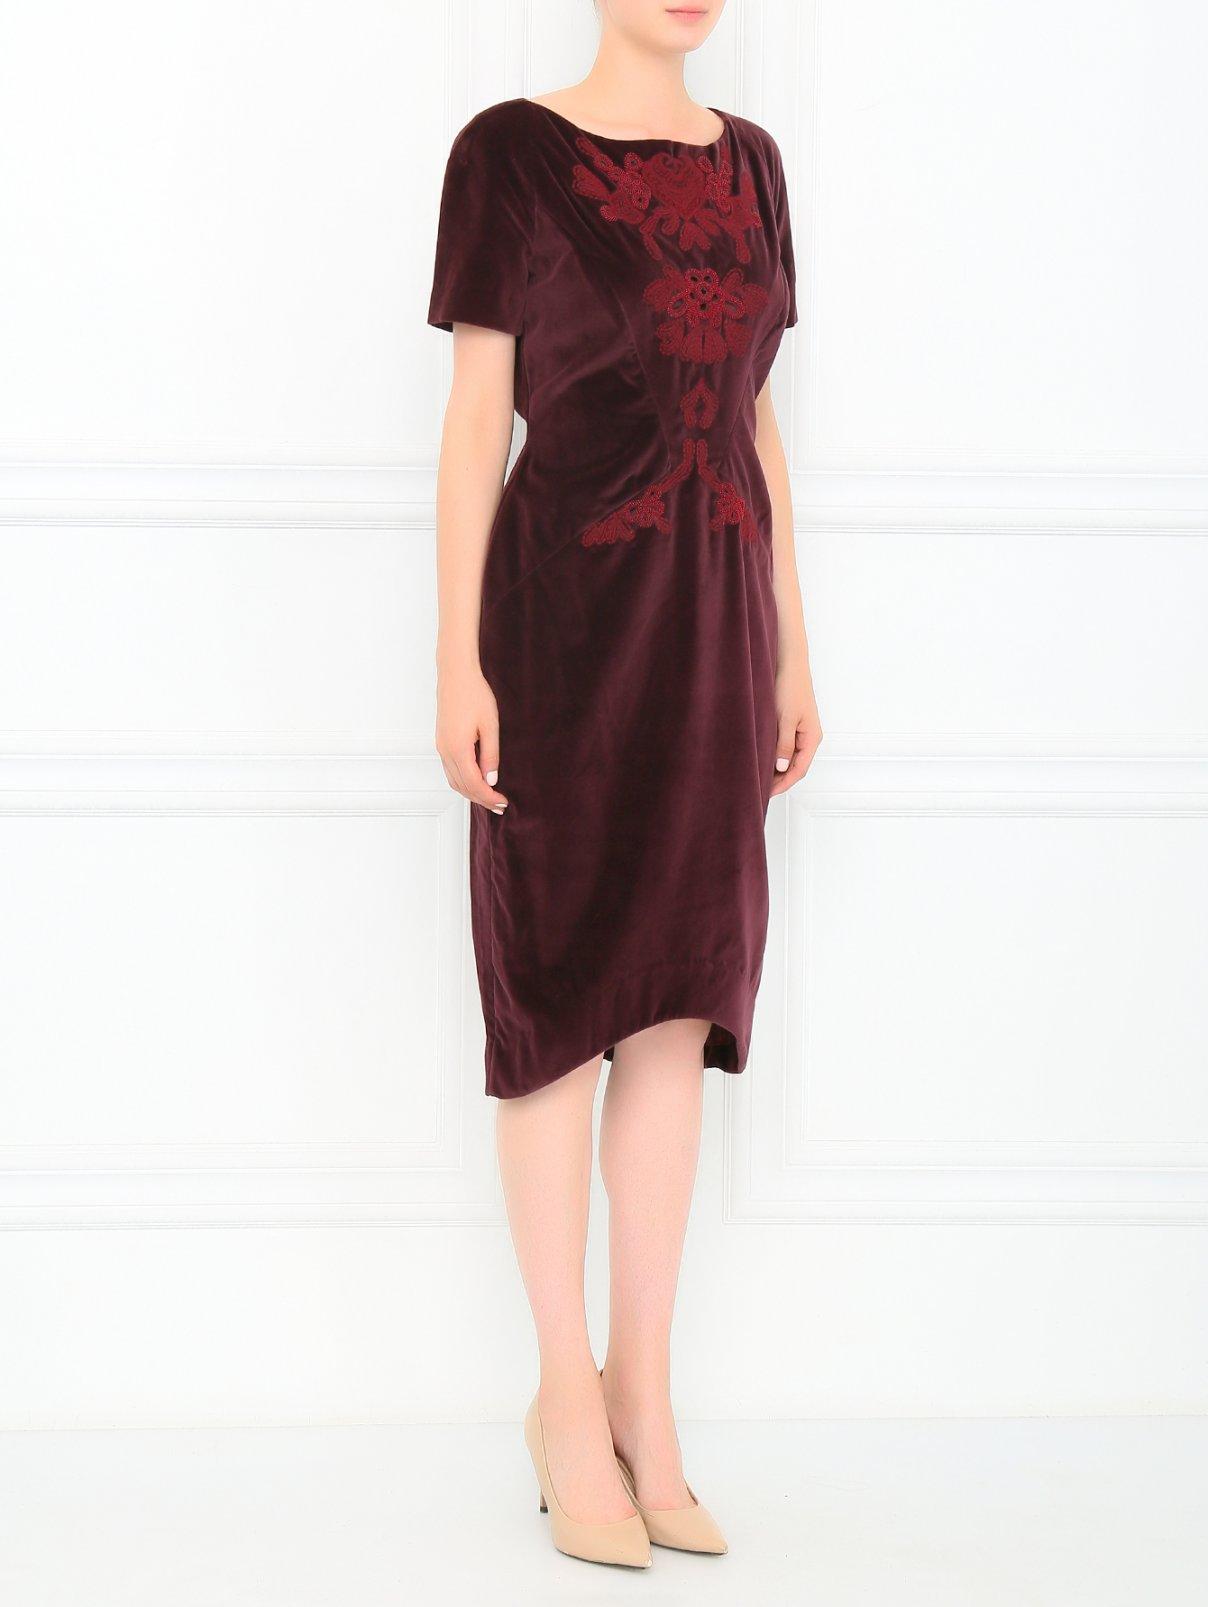 Платье из хлопка с аппликацией из бисера Zac Posen  –  Модель Общий вид  – Цвет:  Красный